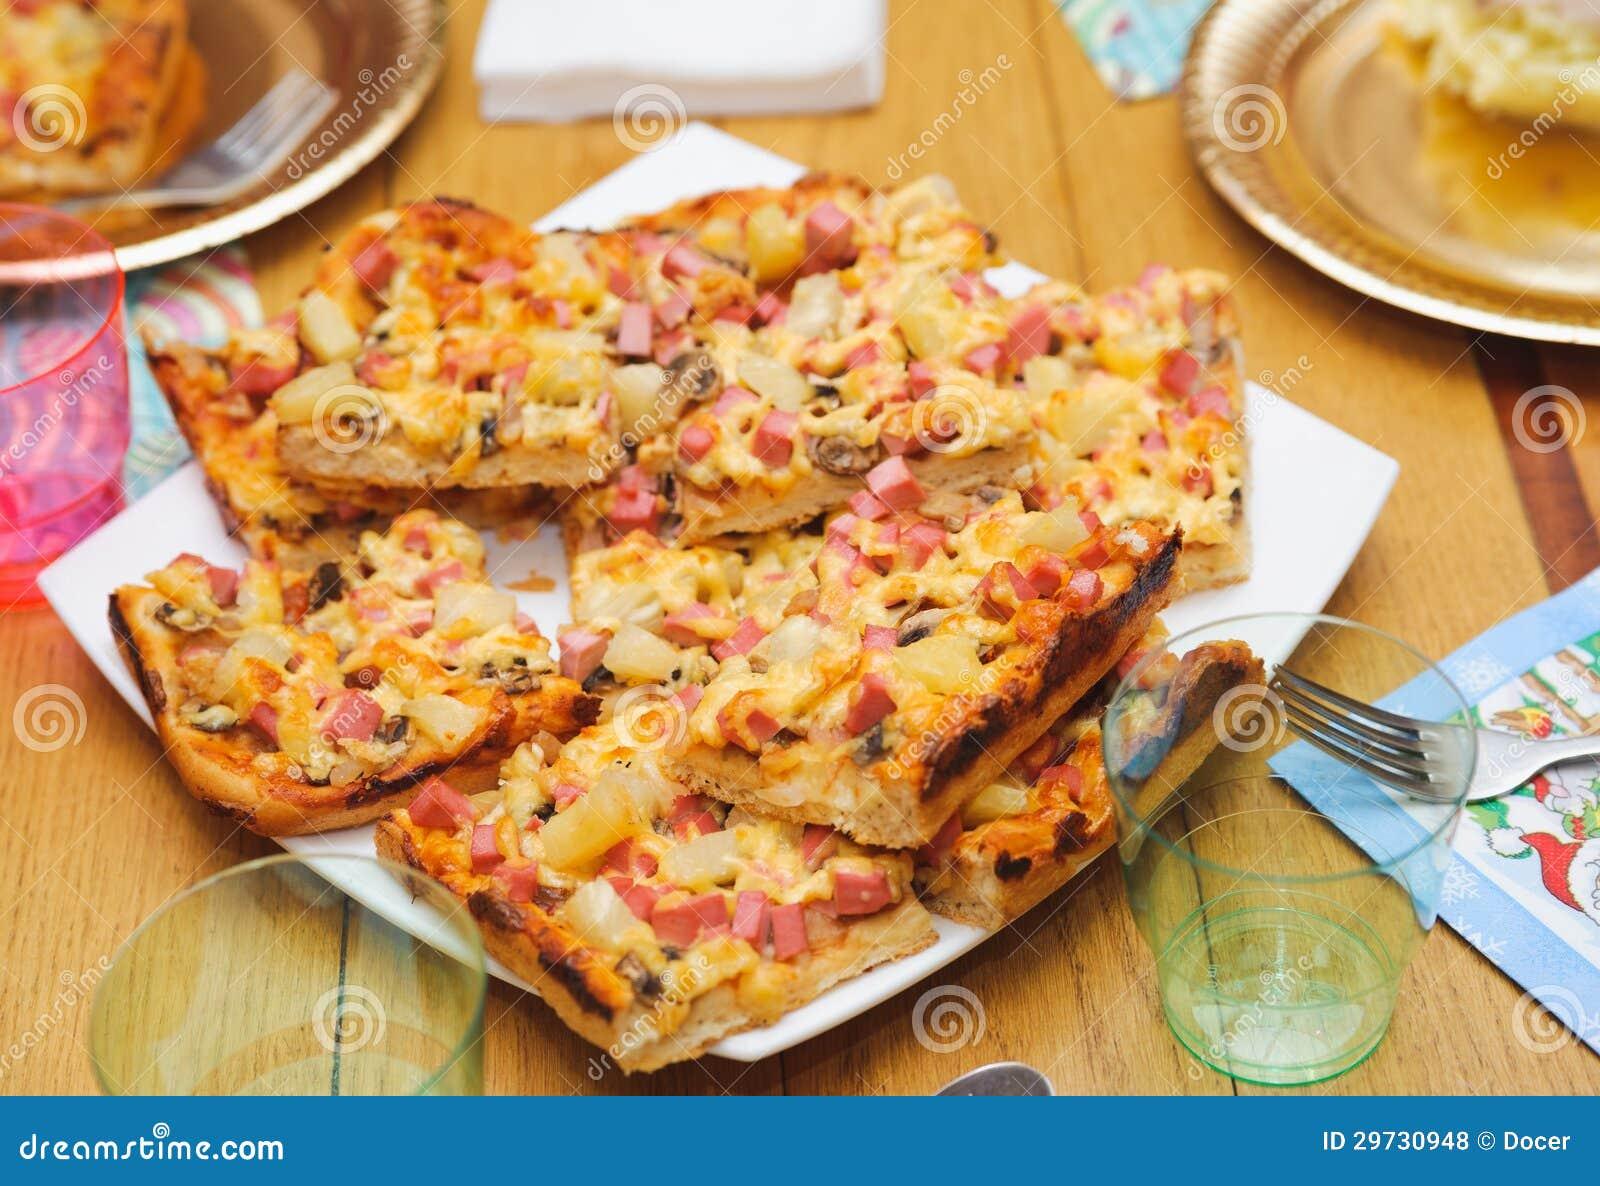 Muchos peque os pedazos de pizza hecha a mano comida - Fotos de comodas ...